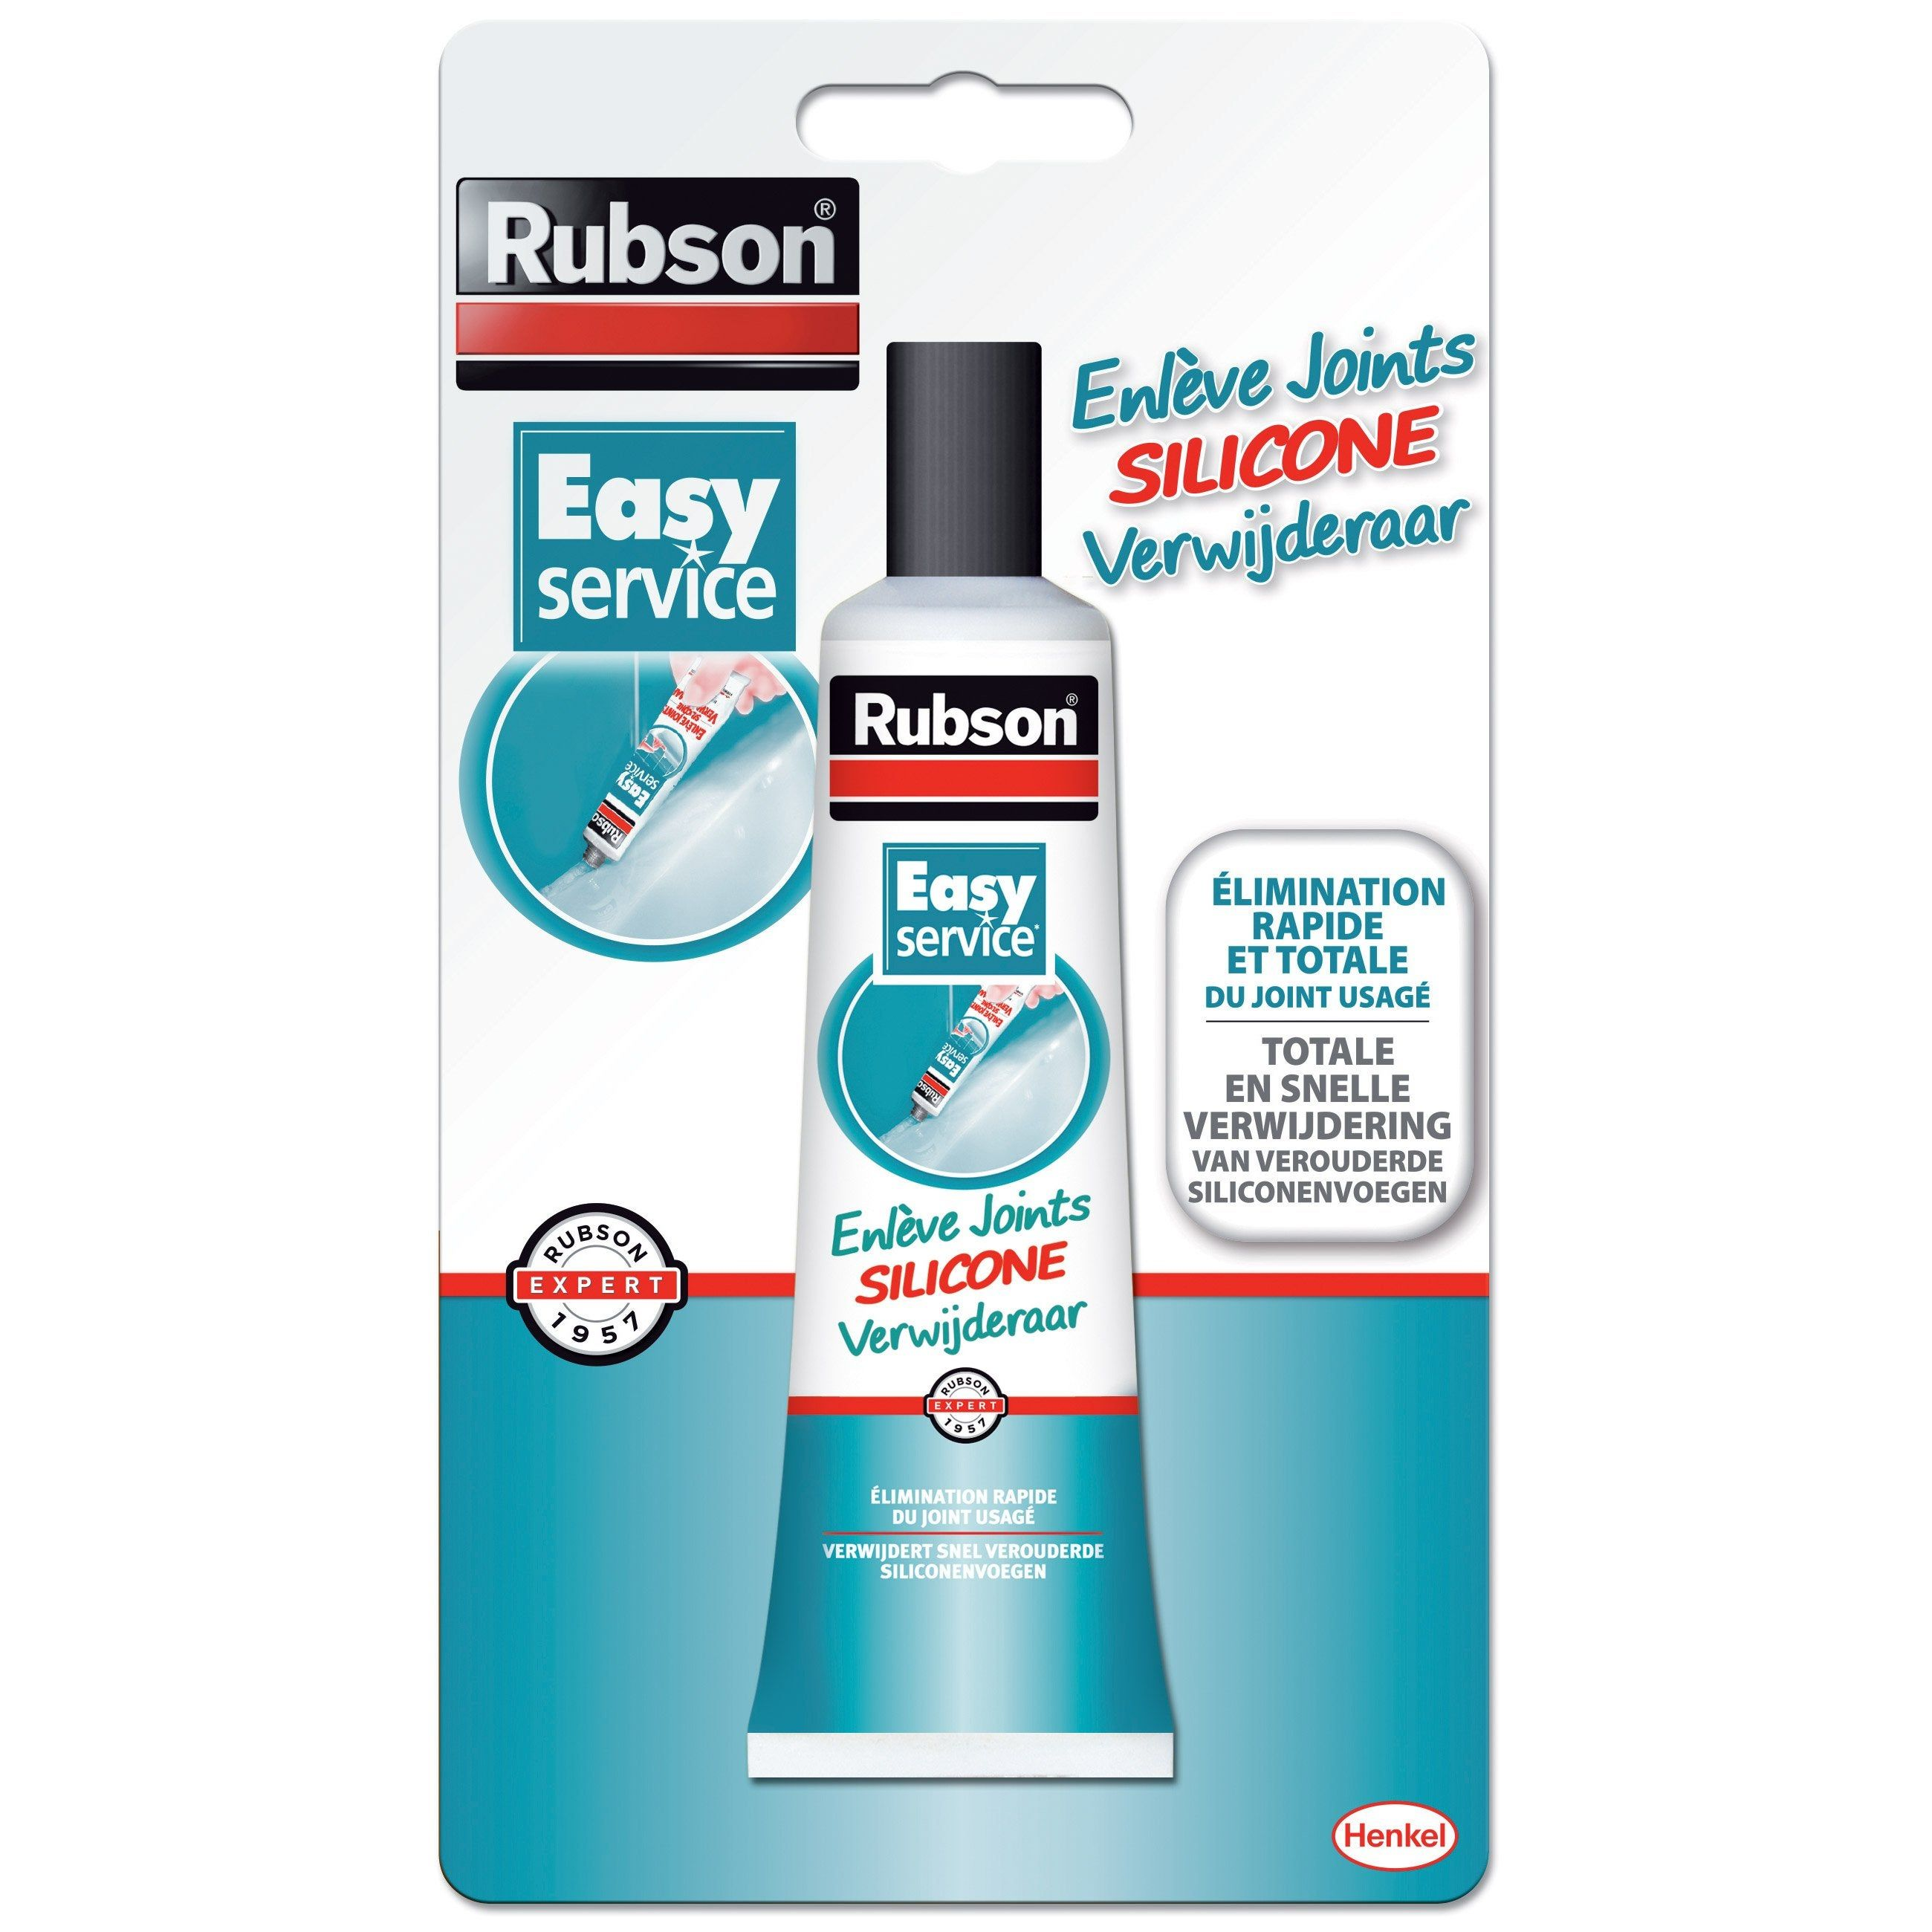 Enleve Joints Pour Mastic Rubson Enleve Joint Tube 80ml Rubson Blanc 1 Produit Nettoyage Produit Entretien Et Nettoyage